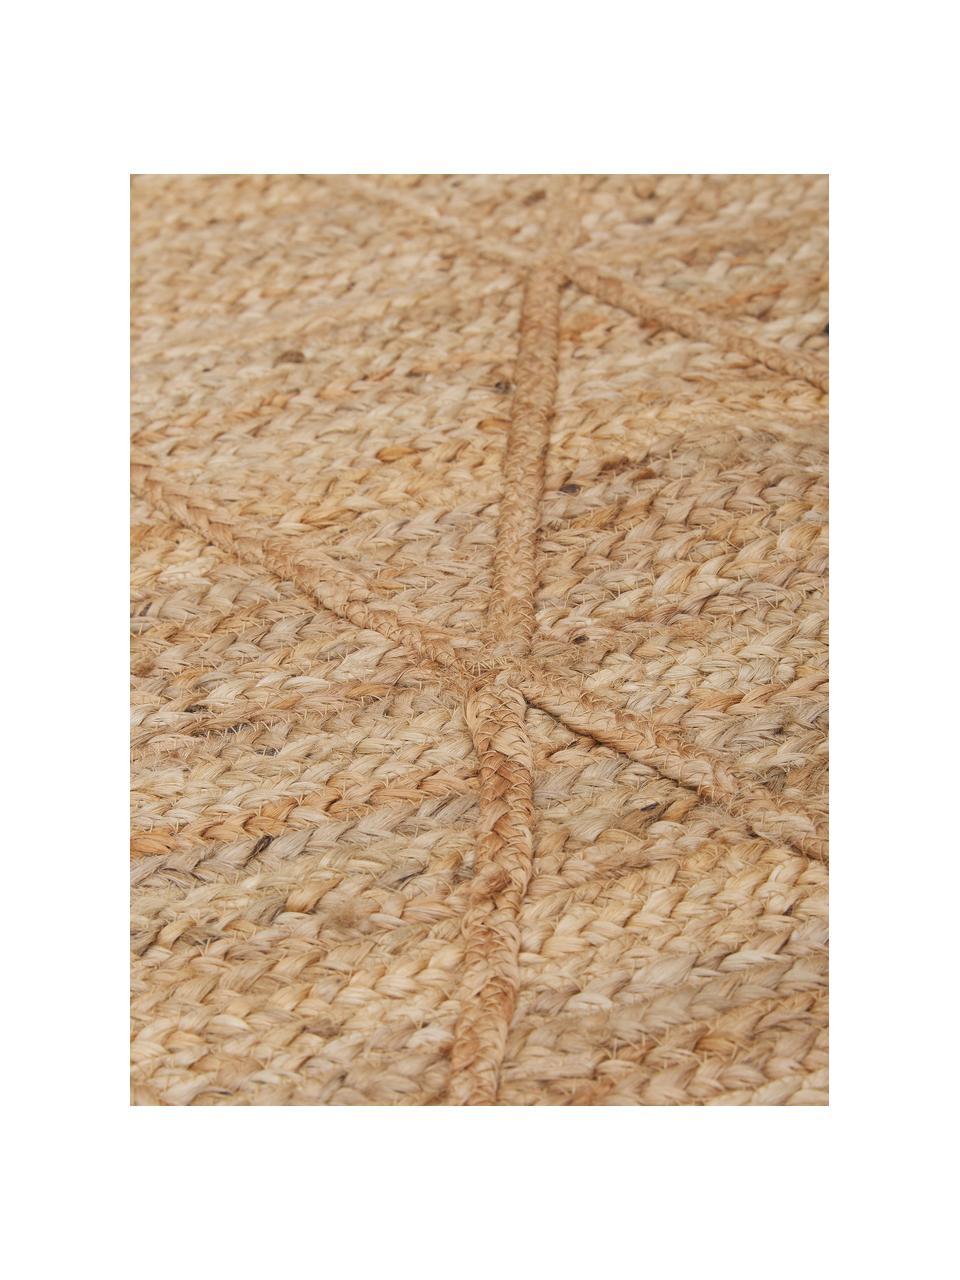 Handgefertigte Jute-Fußmatte Jason, 100% Jute, Beige, 50 x 80 cm